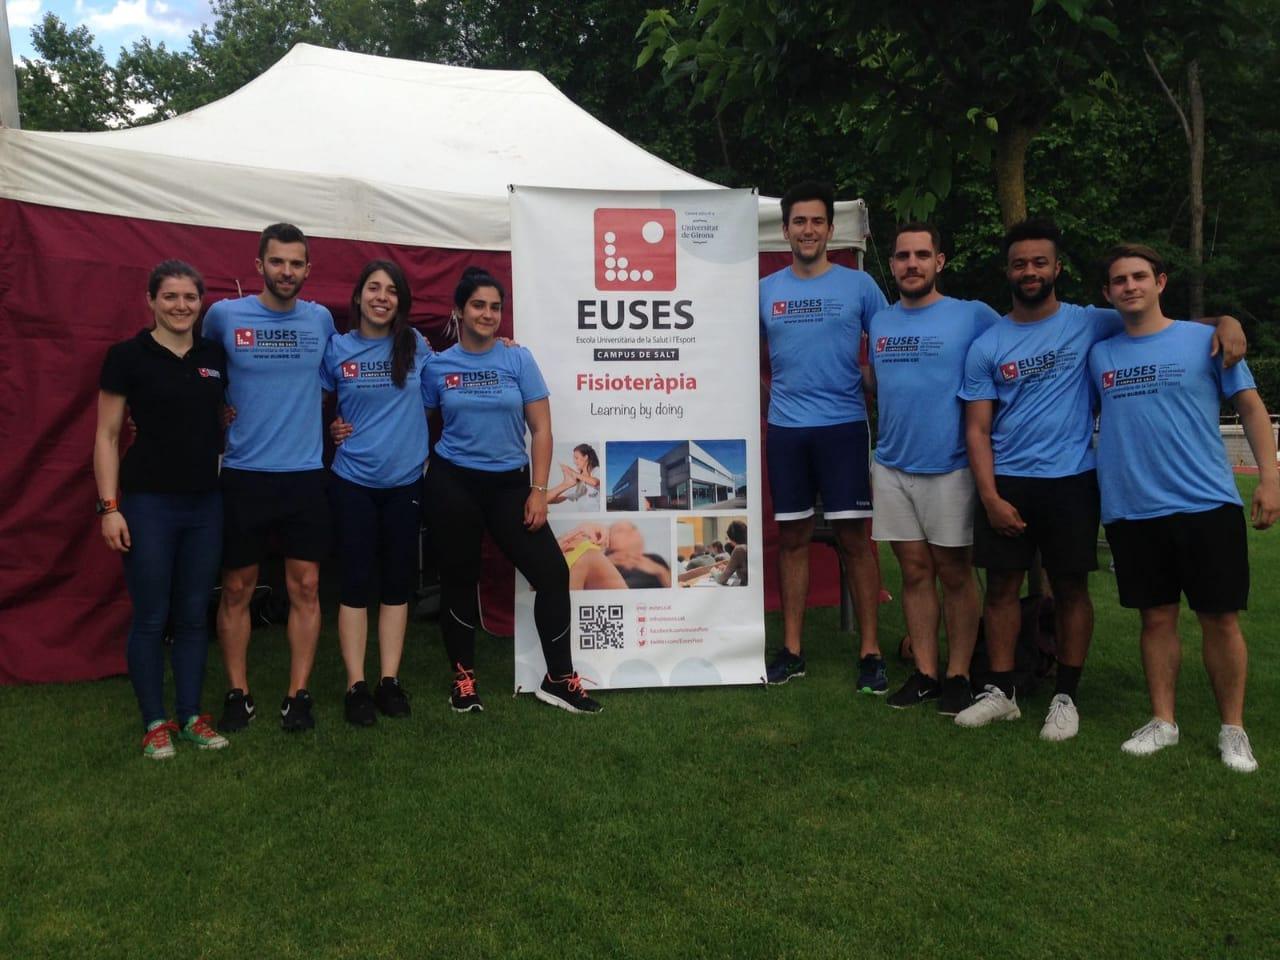 EUSES col·labora en una nova edició de l'Open Santi Silvas de tennis en cadira de rodes, organitzat per la Fundació Tommy Robredo